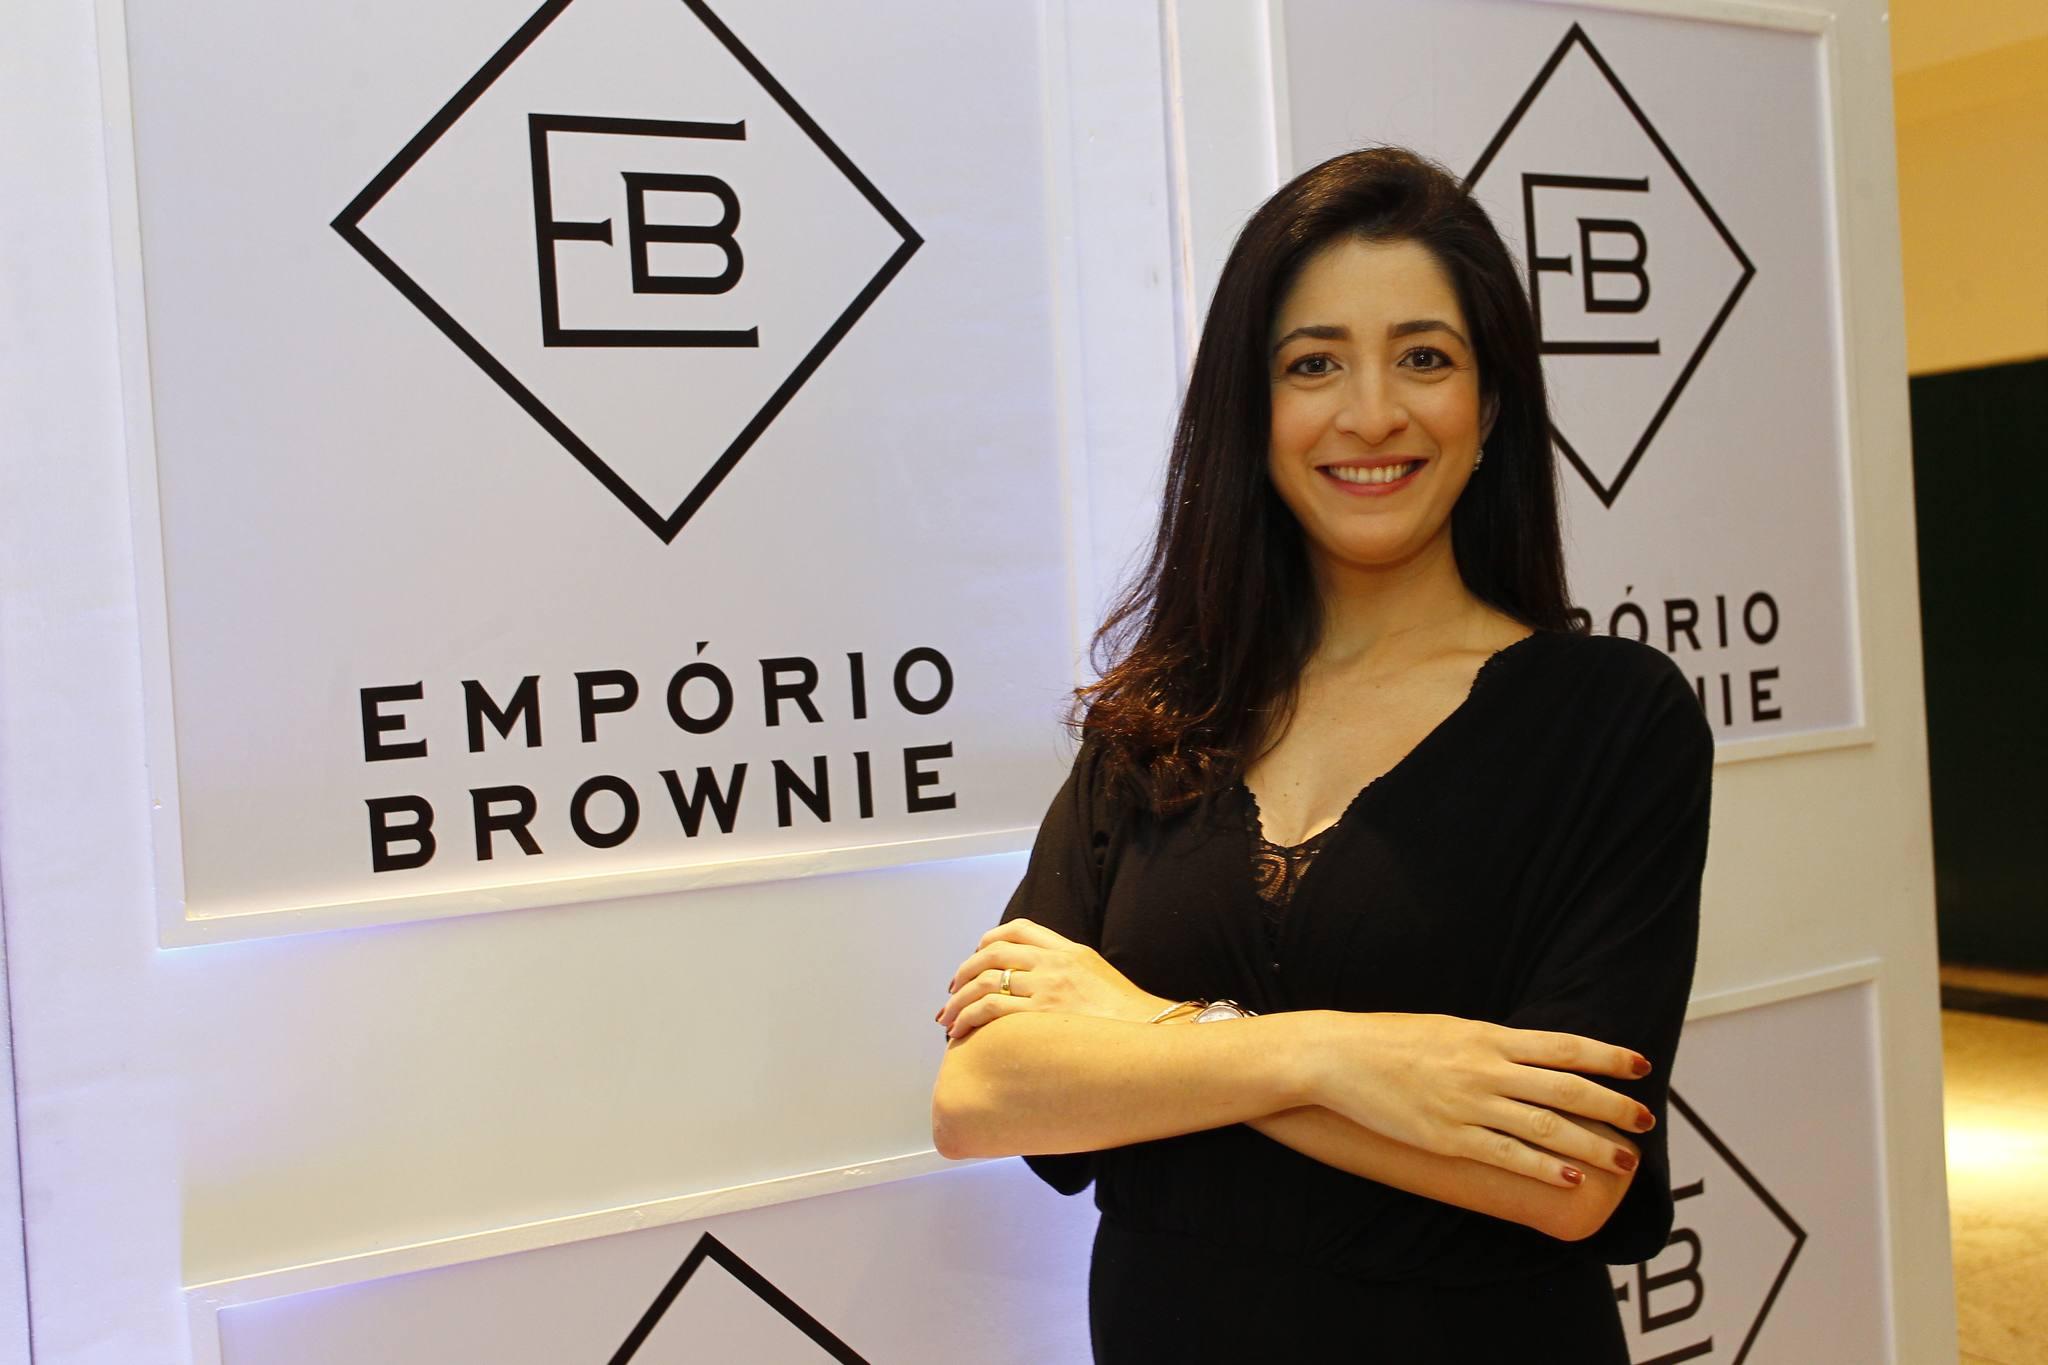 Mila Ary apresenta a nova marca da Empório Brownie em evento no Iguatemi Fortaleza